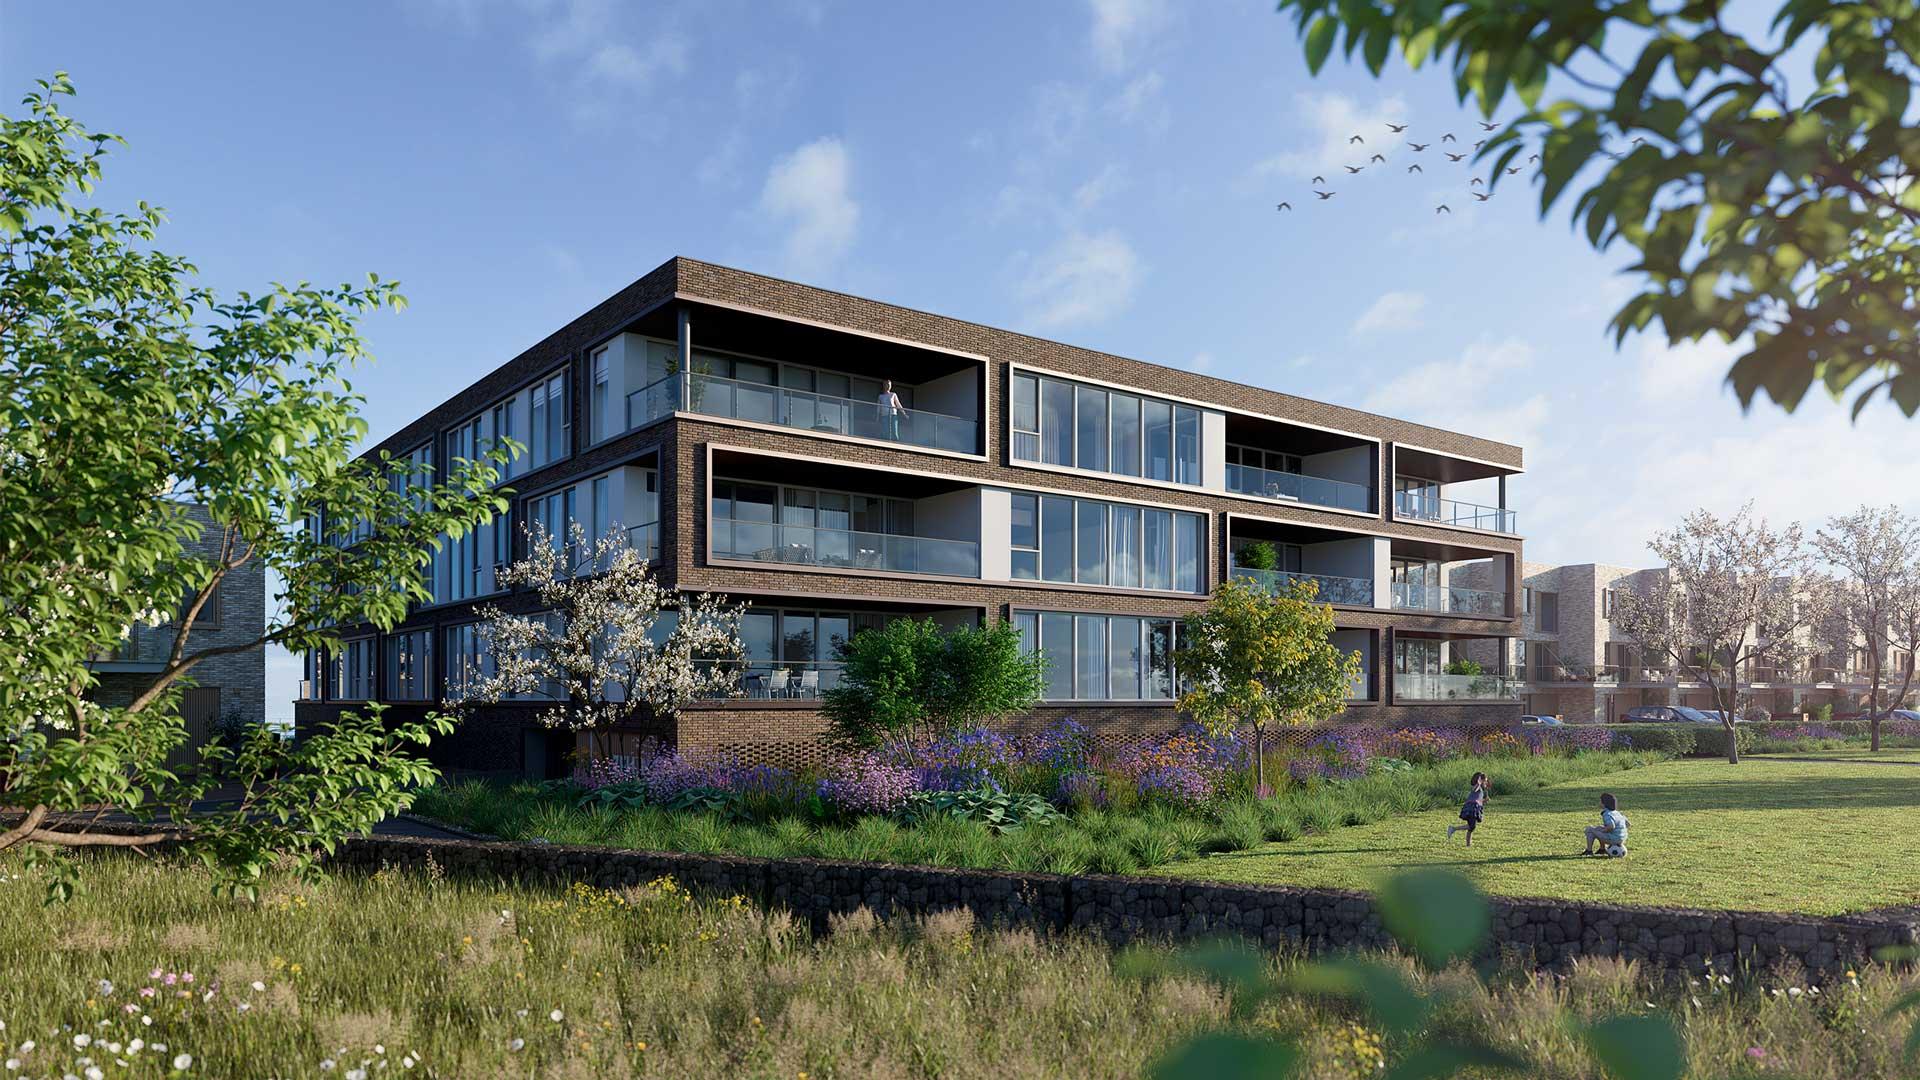 Appartementen-Koopwoningen-Nieuwerkerk-aan-den-IJssel-Zelling